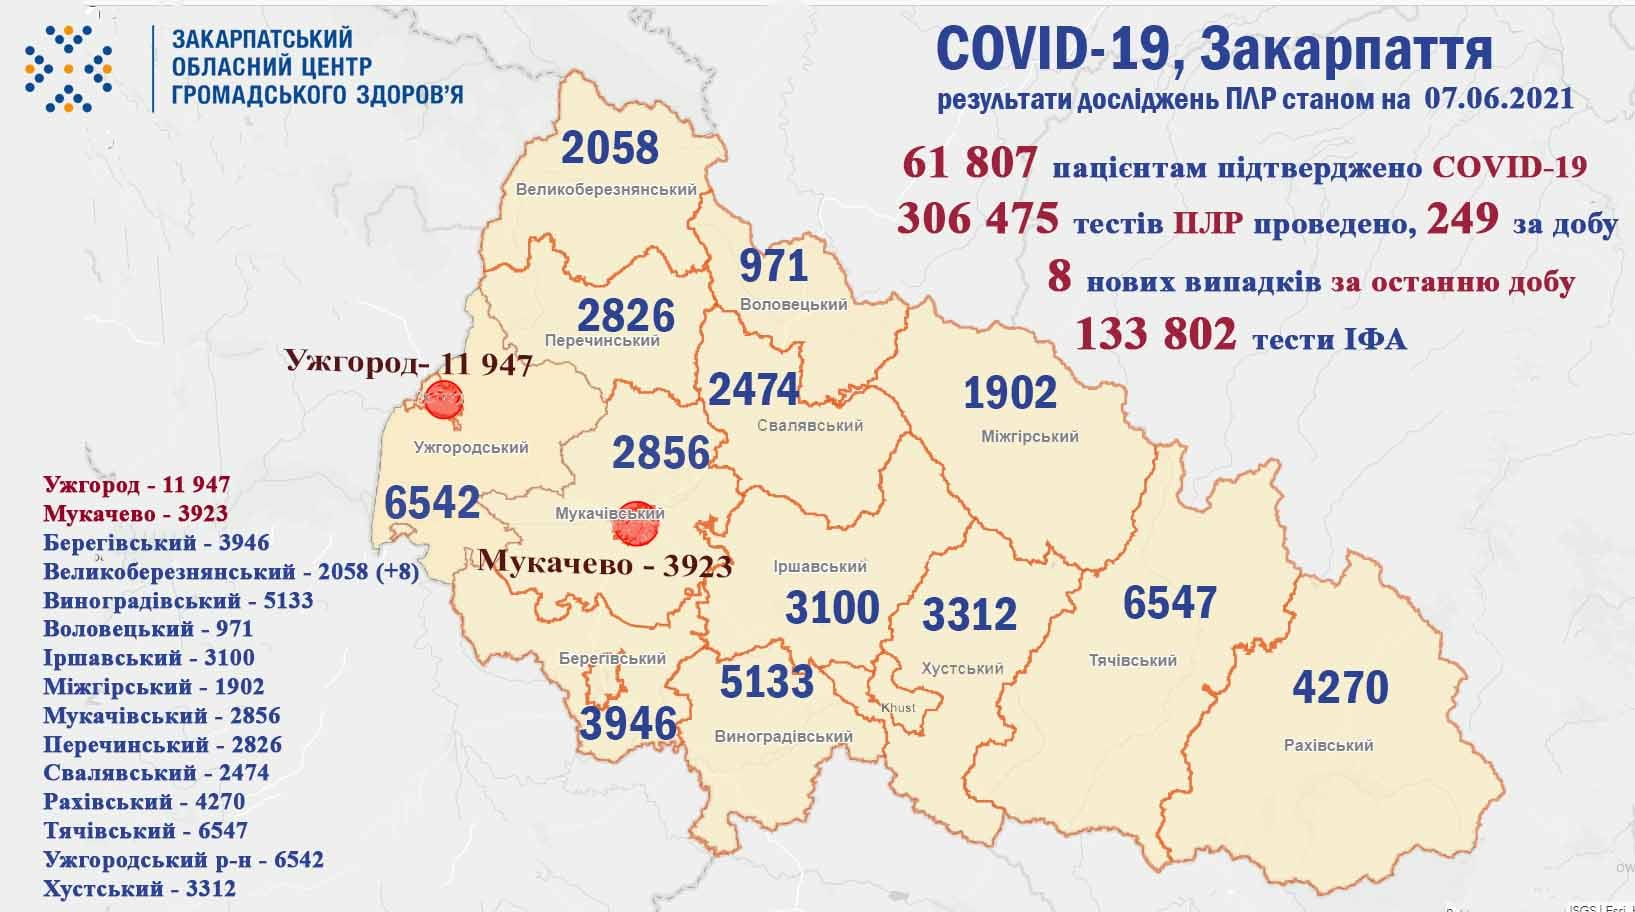 Тільки в одному районі Закарпаття виявили хворих на коронавірус: відомо, де саме